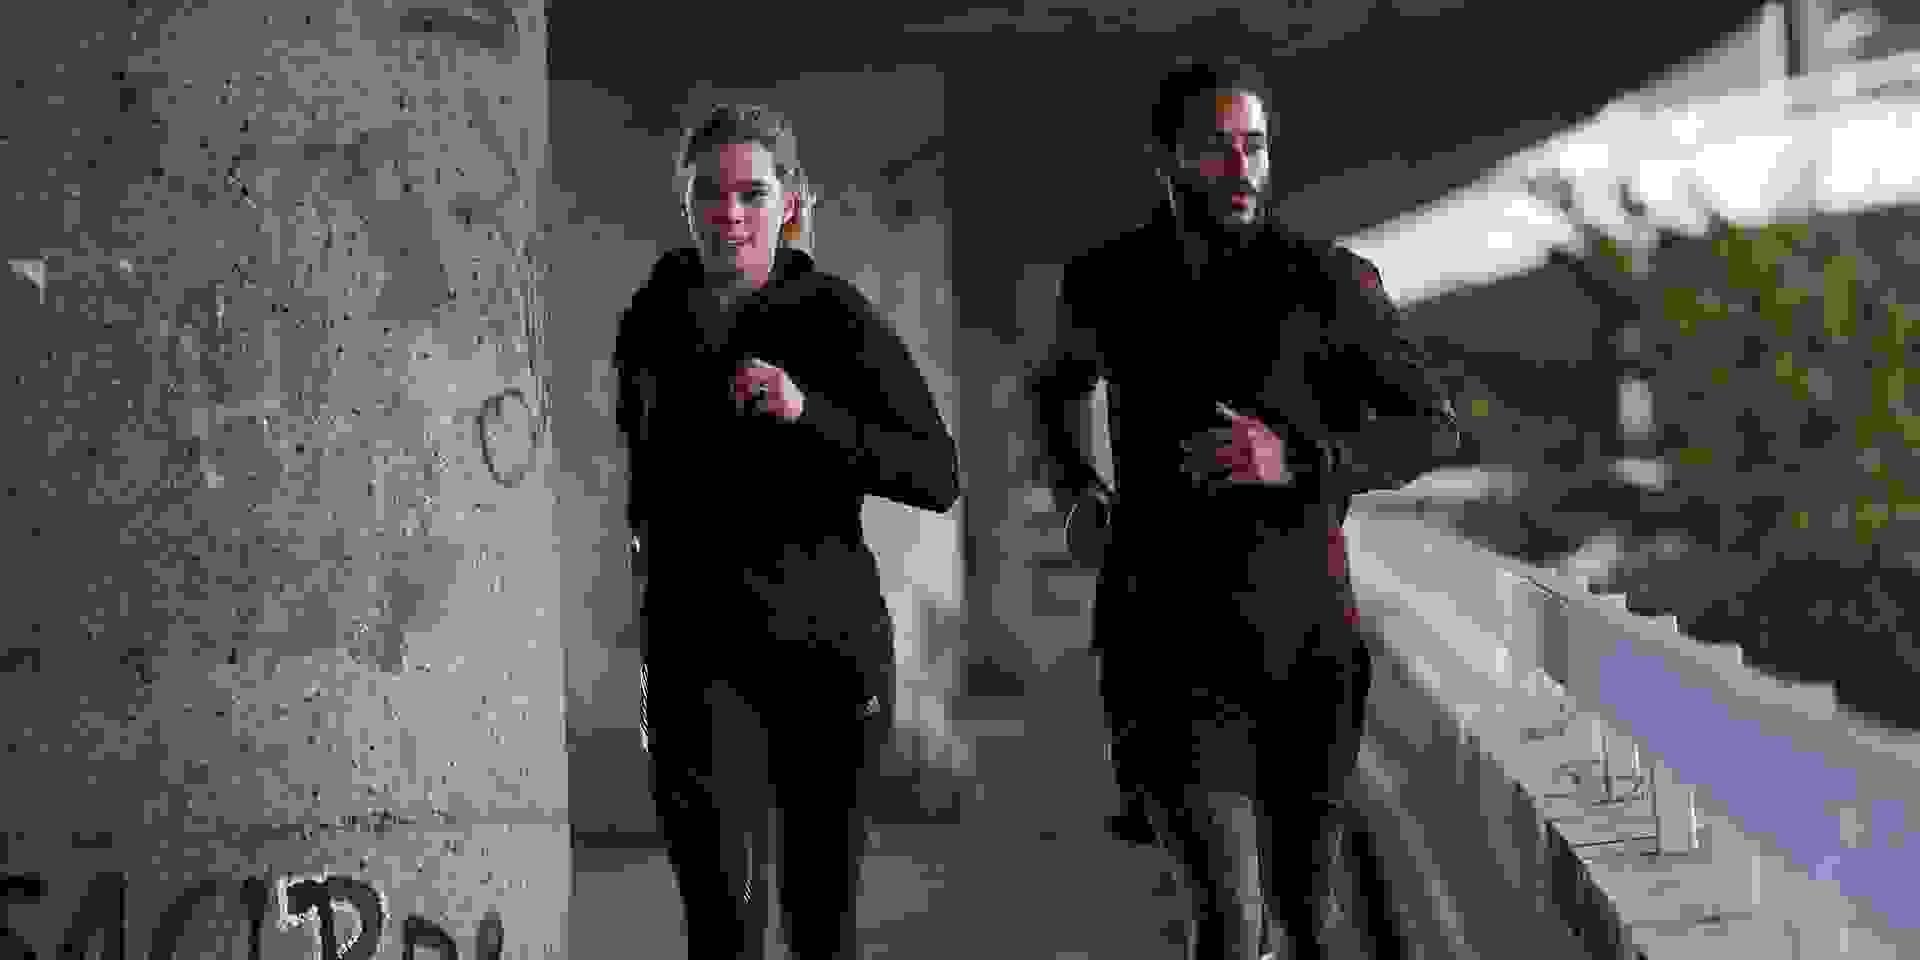 Ein Mann und eine Frau beim Laufen in der Stadt.